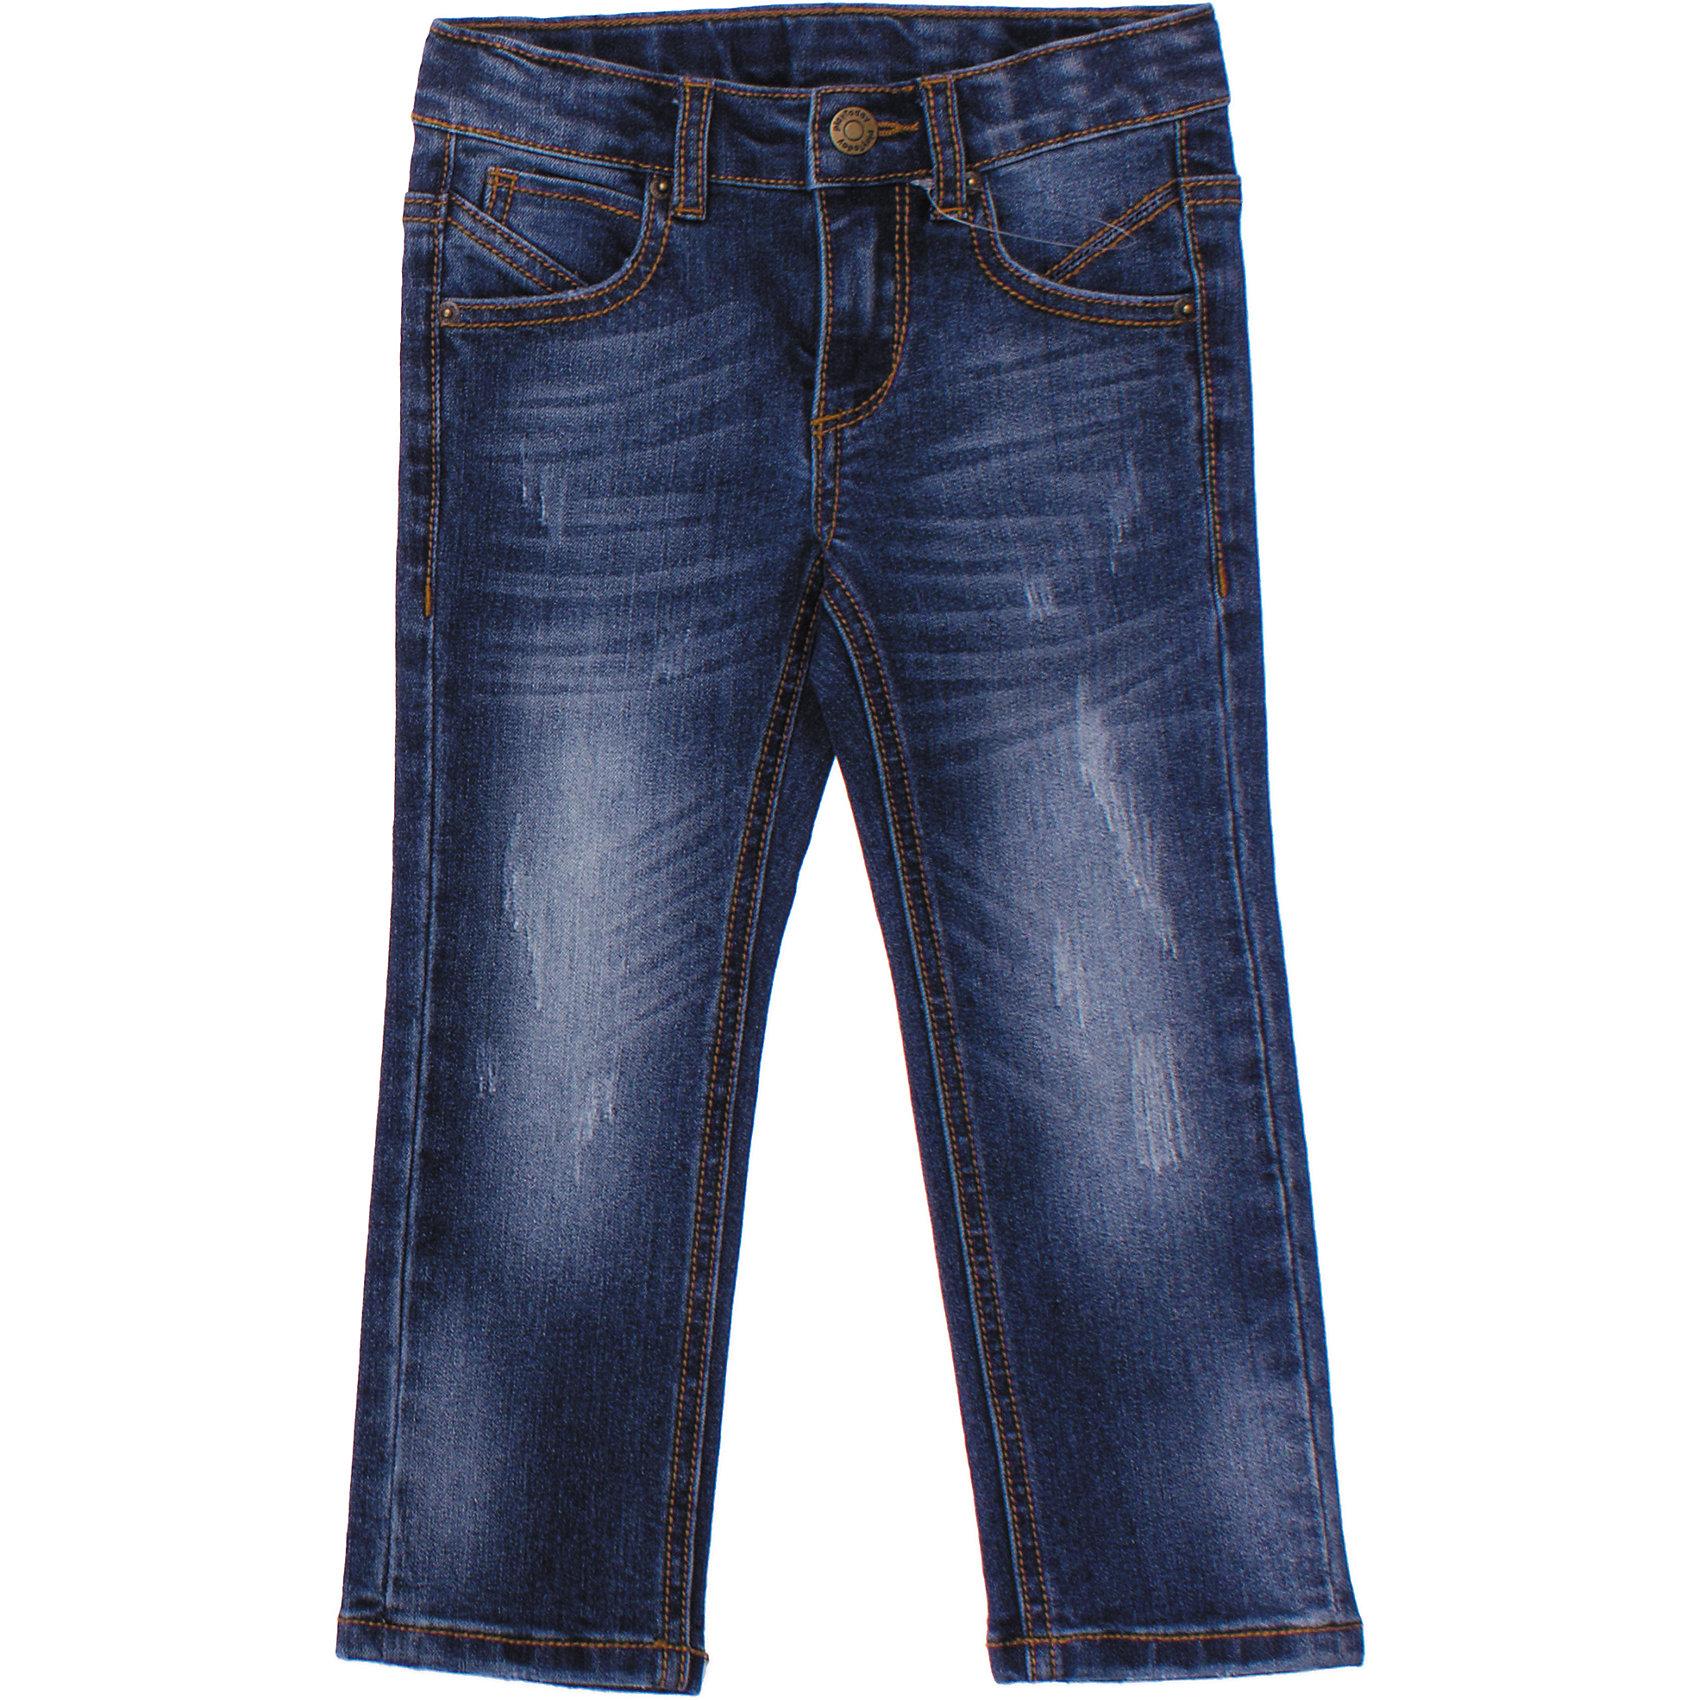 Джинсы для мальчика PlayTodayДжинсы<br>Стильные джинсы с эффектом потертости. Застегиваются на молнию и металлическую кнопку. Есть петельки для ремня. 4 функциональных кармана. Состав: 68% хлопок, 30% полиэстер, 2% эластан<br><br>Ширина мм: 215<br>Глубина мм: 88<br>Высота мм: 191<br>Вес г: 336<br>Цвет: синий<br>Возраст от месяцев: 24<br>Возраст до месяцев: 36<br>Пол: Мужской<br>Возраст: Детский<br>Размер: 98,110,128,122,116,104<br>SKU: 4652428